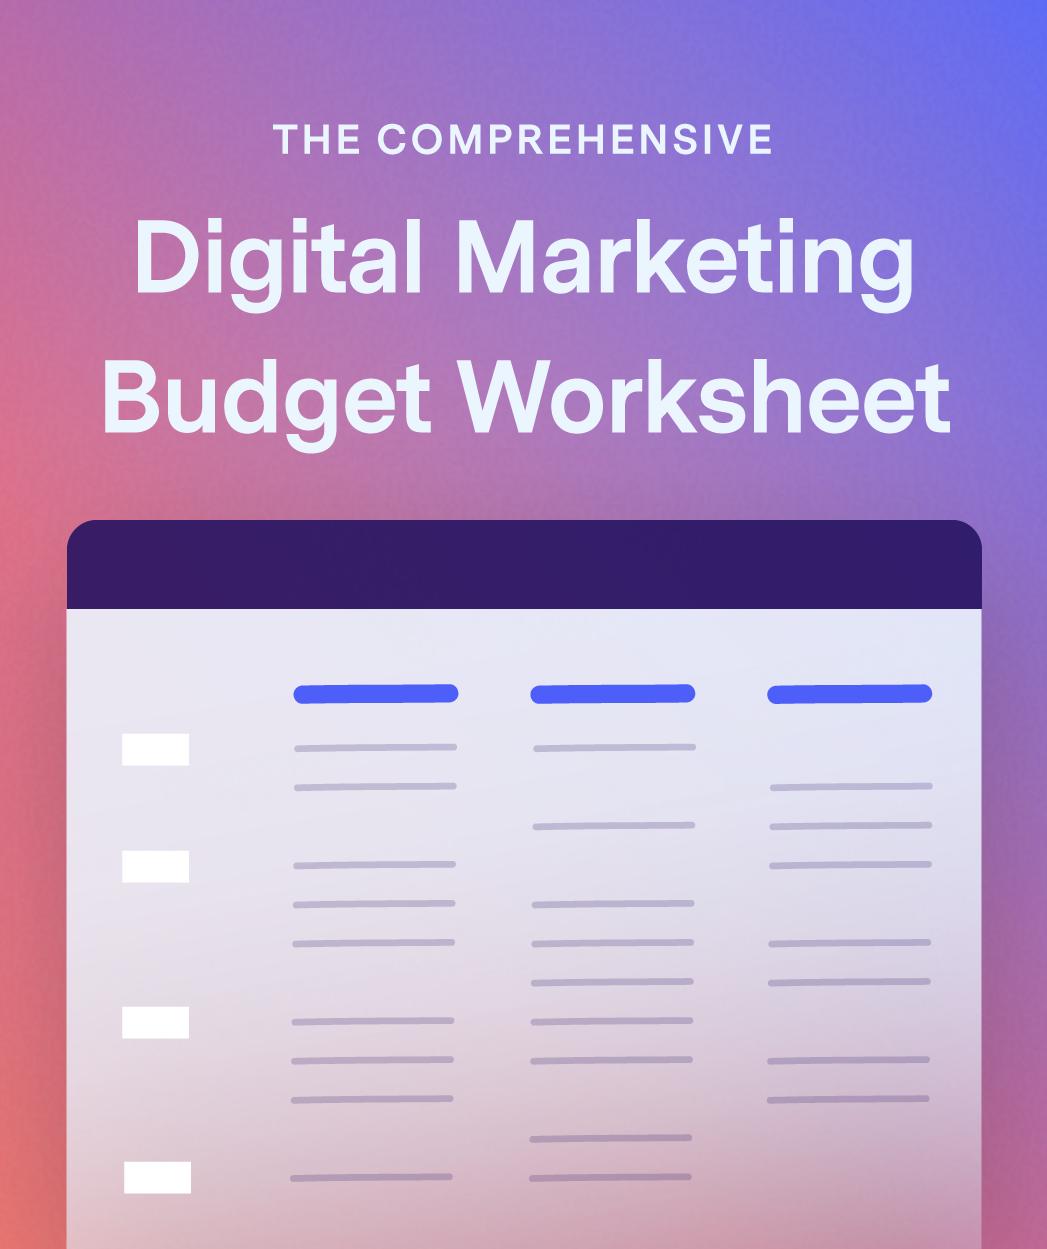 The-Comprehensive-Digital-Marketing-Budget-Worksheet